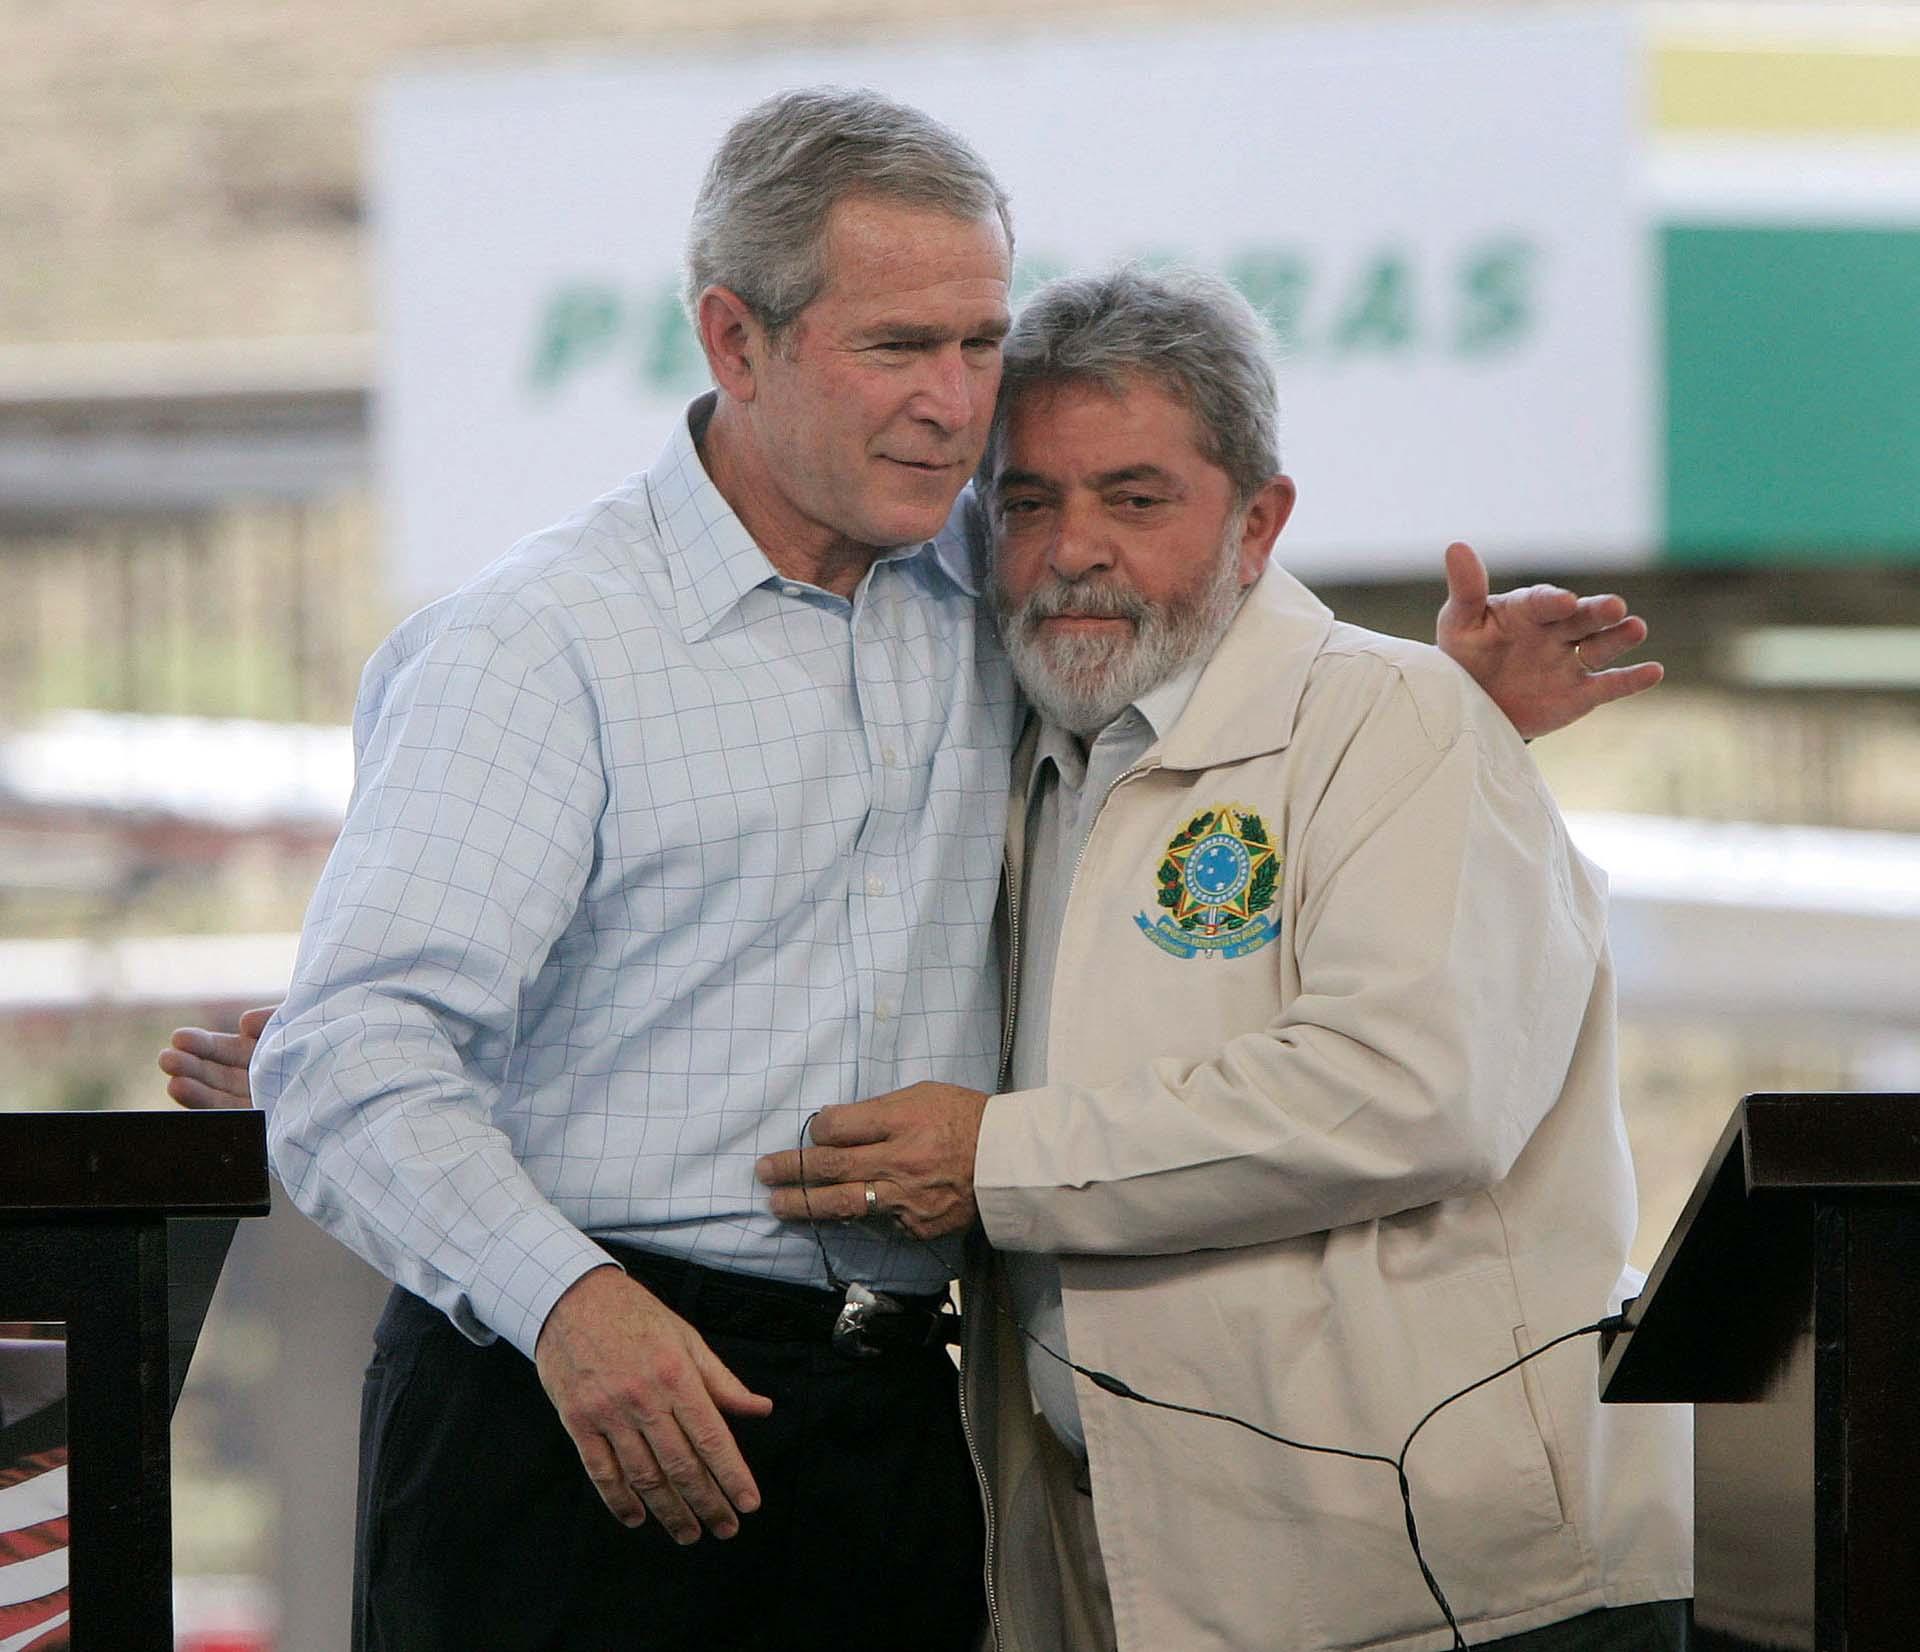 En marzo de 2007, Lula recibió al entonces presidente de los Estados Unidos, George W. Bush, en San Pablo(Reuters/Jason Reed)